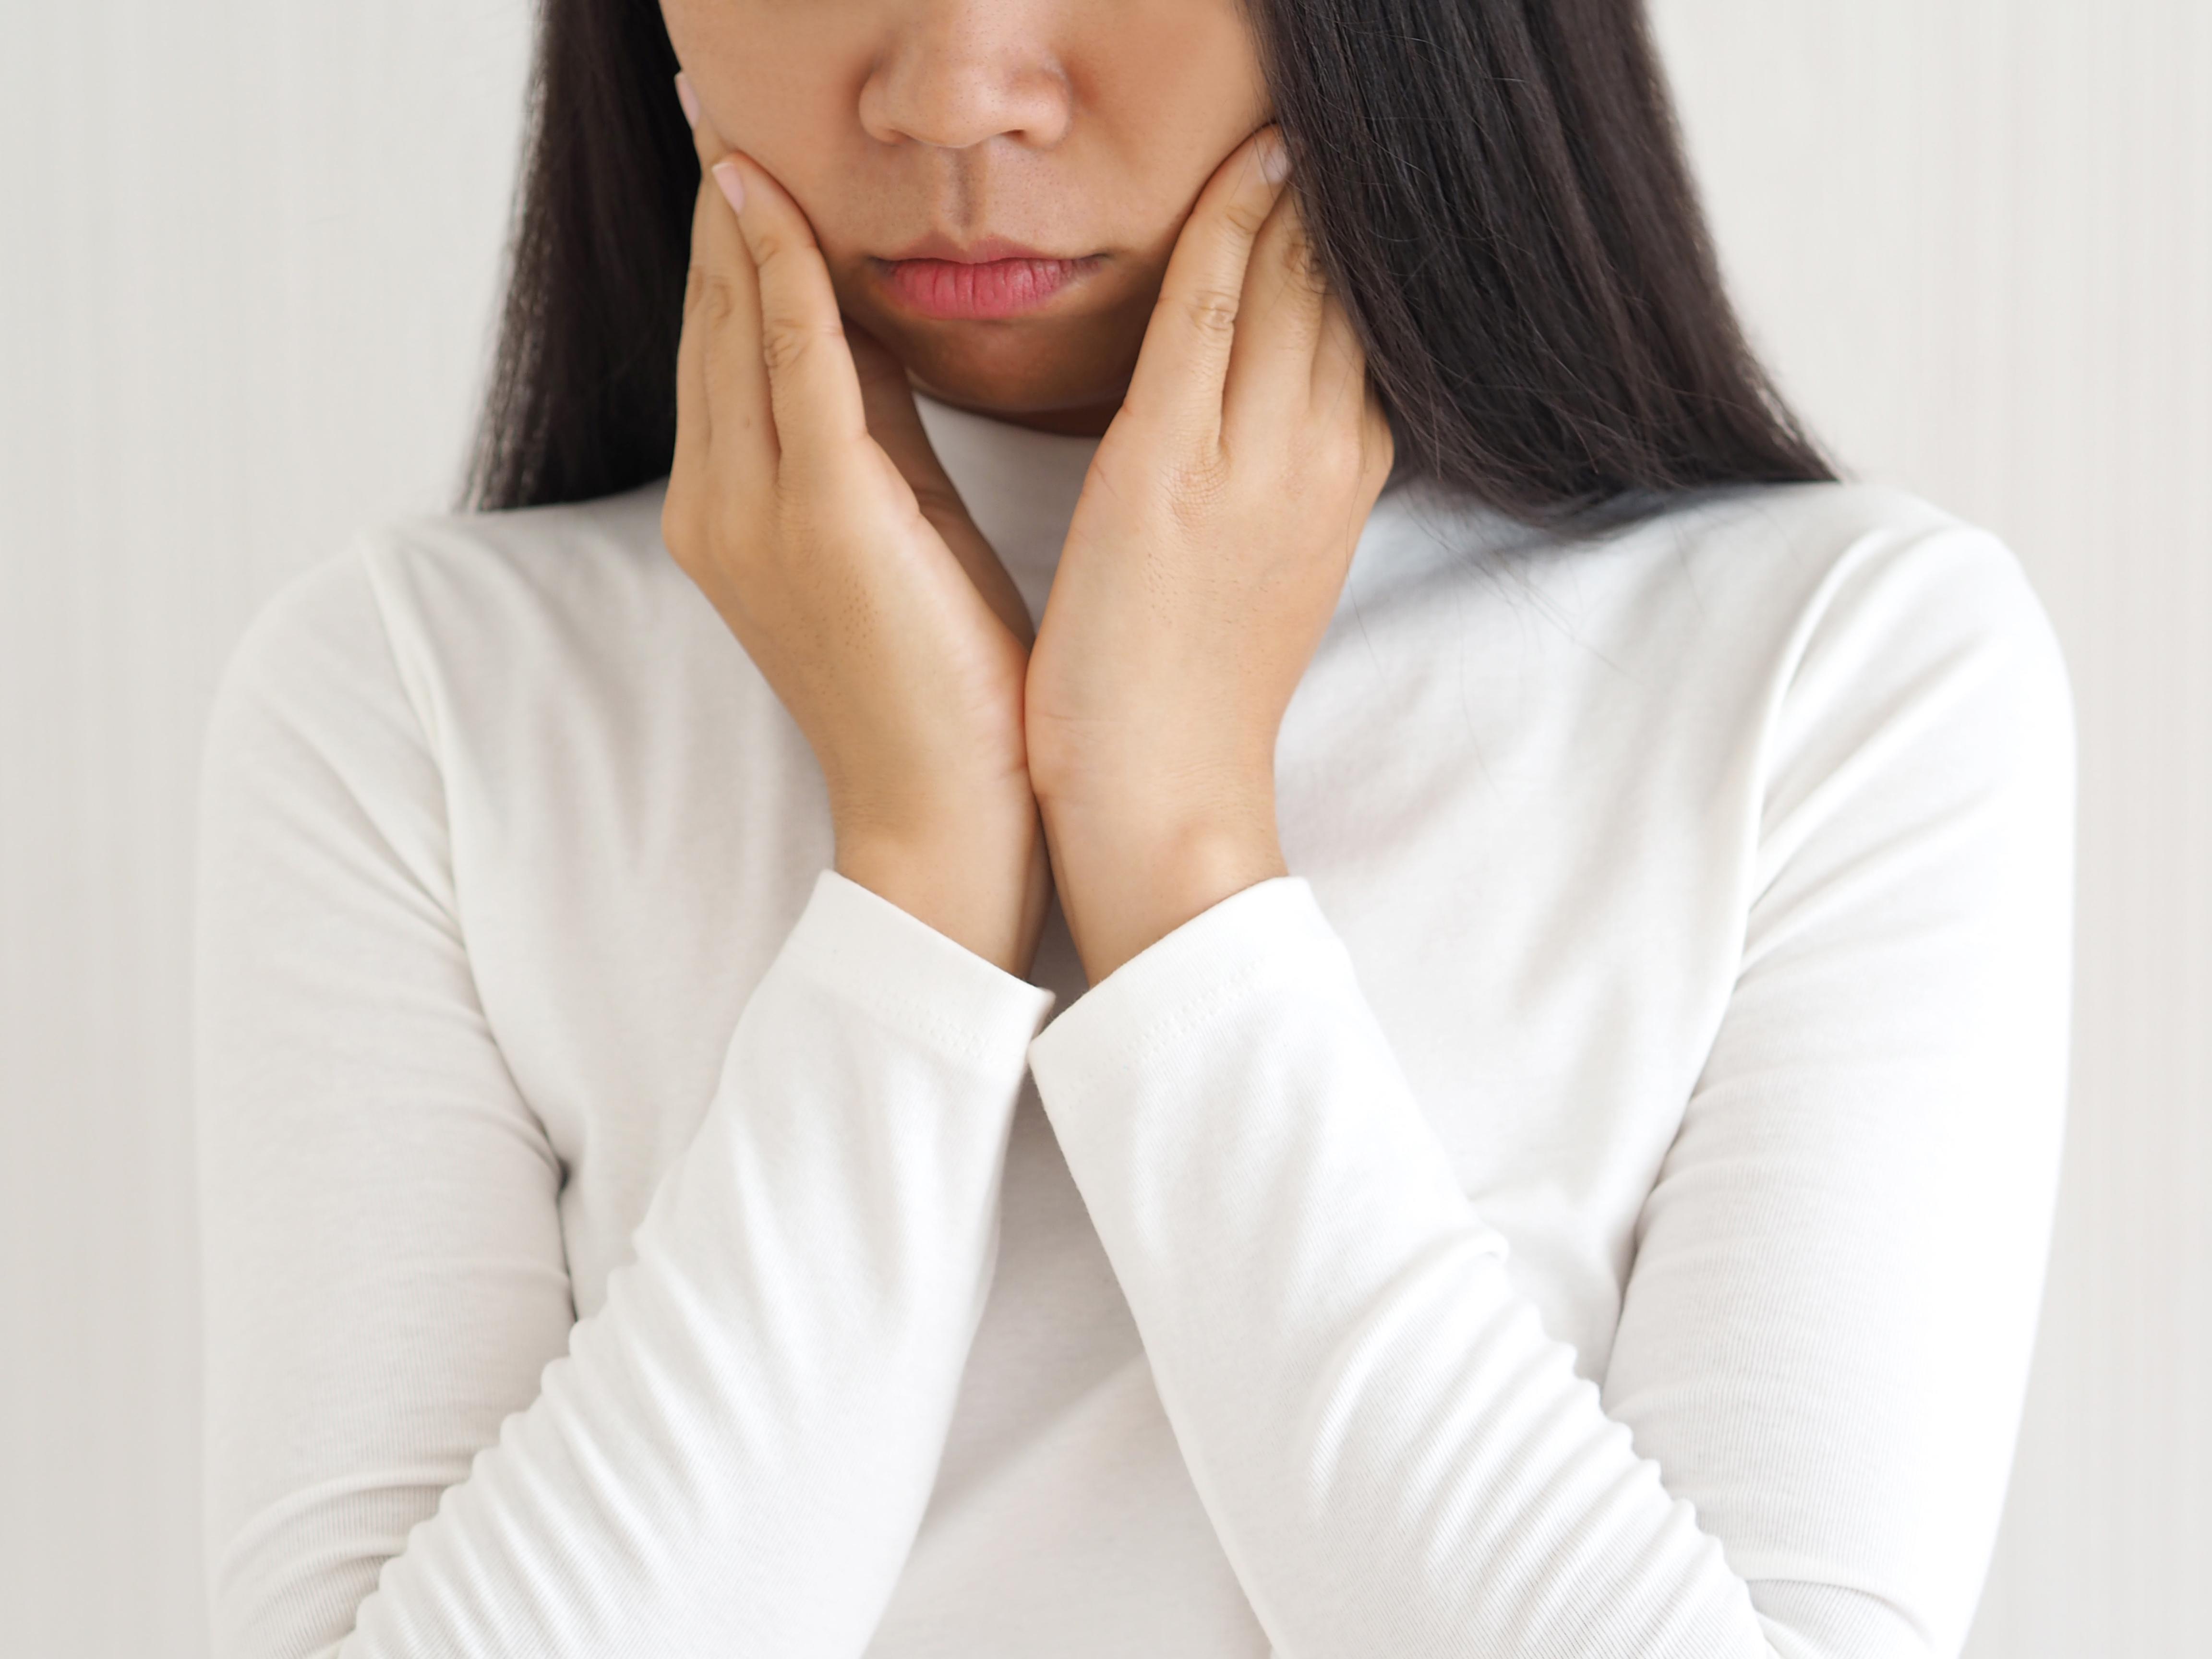 TMJ Pain Treatment